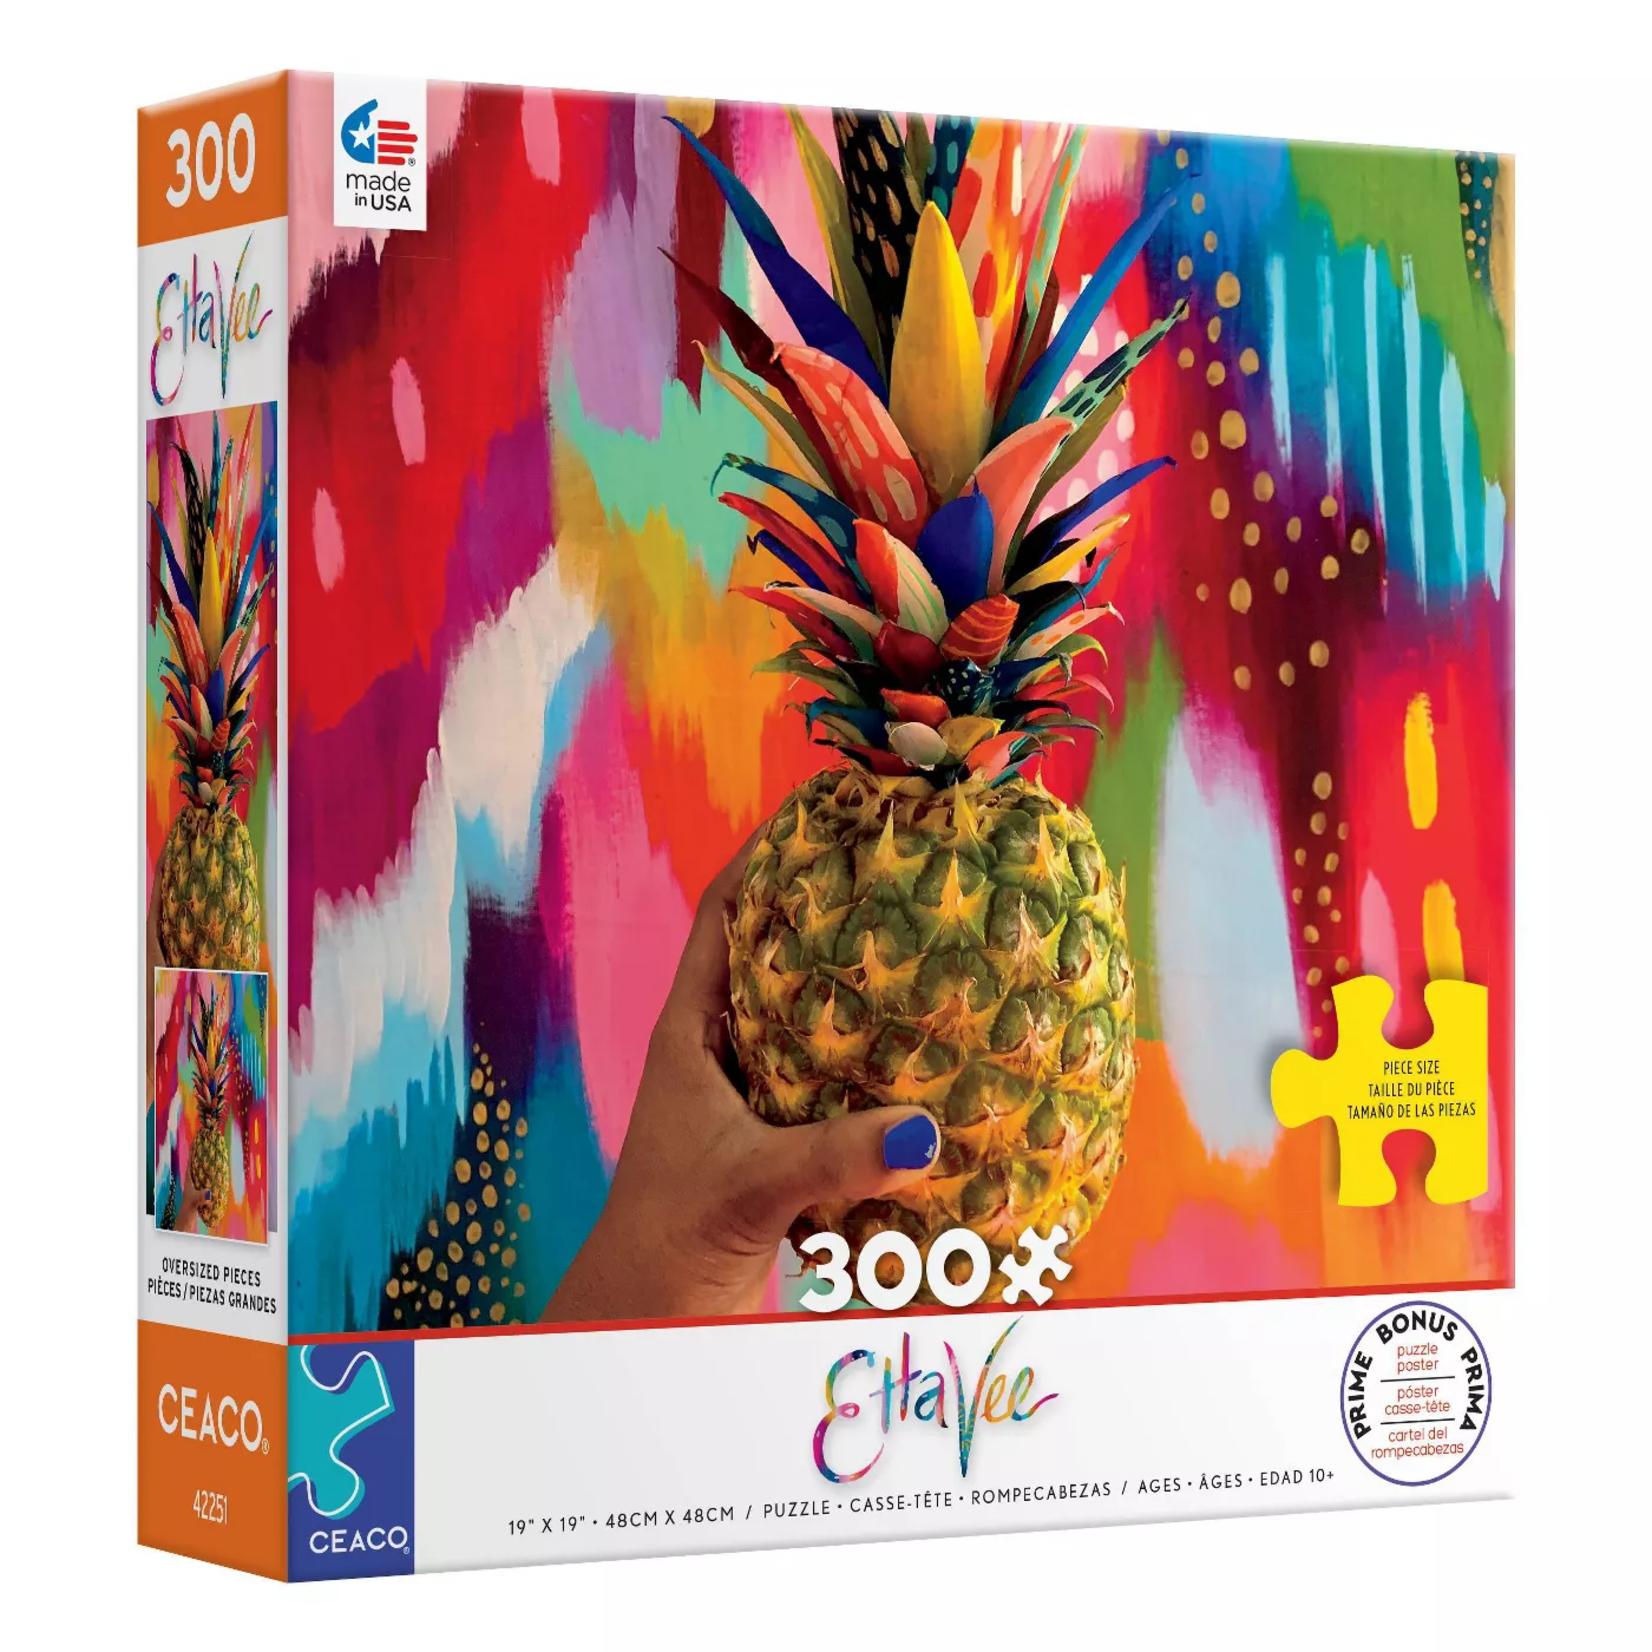 Ceaco Etta Vee Pineapple Puzzle 2281-3 (300 pieces)